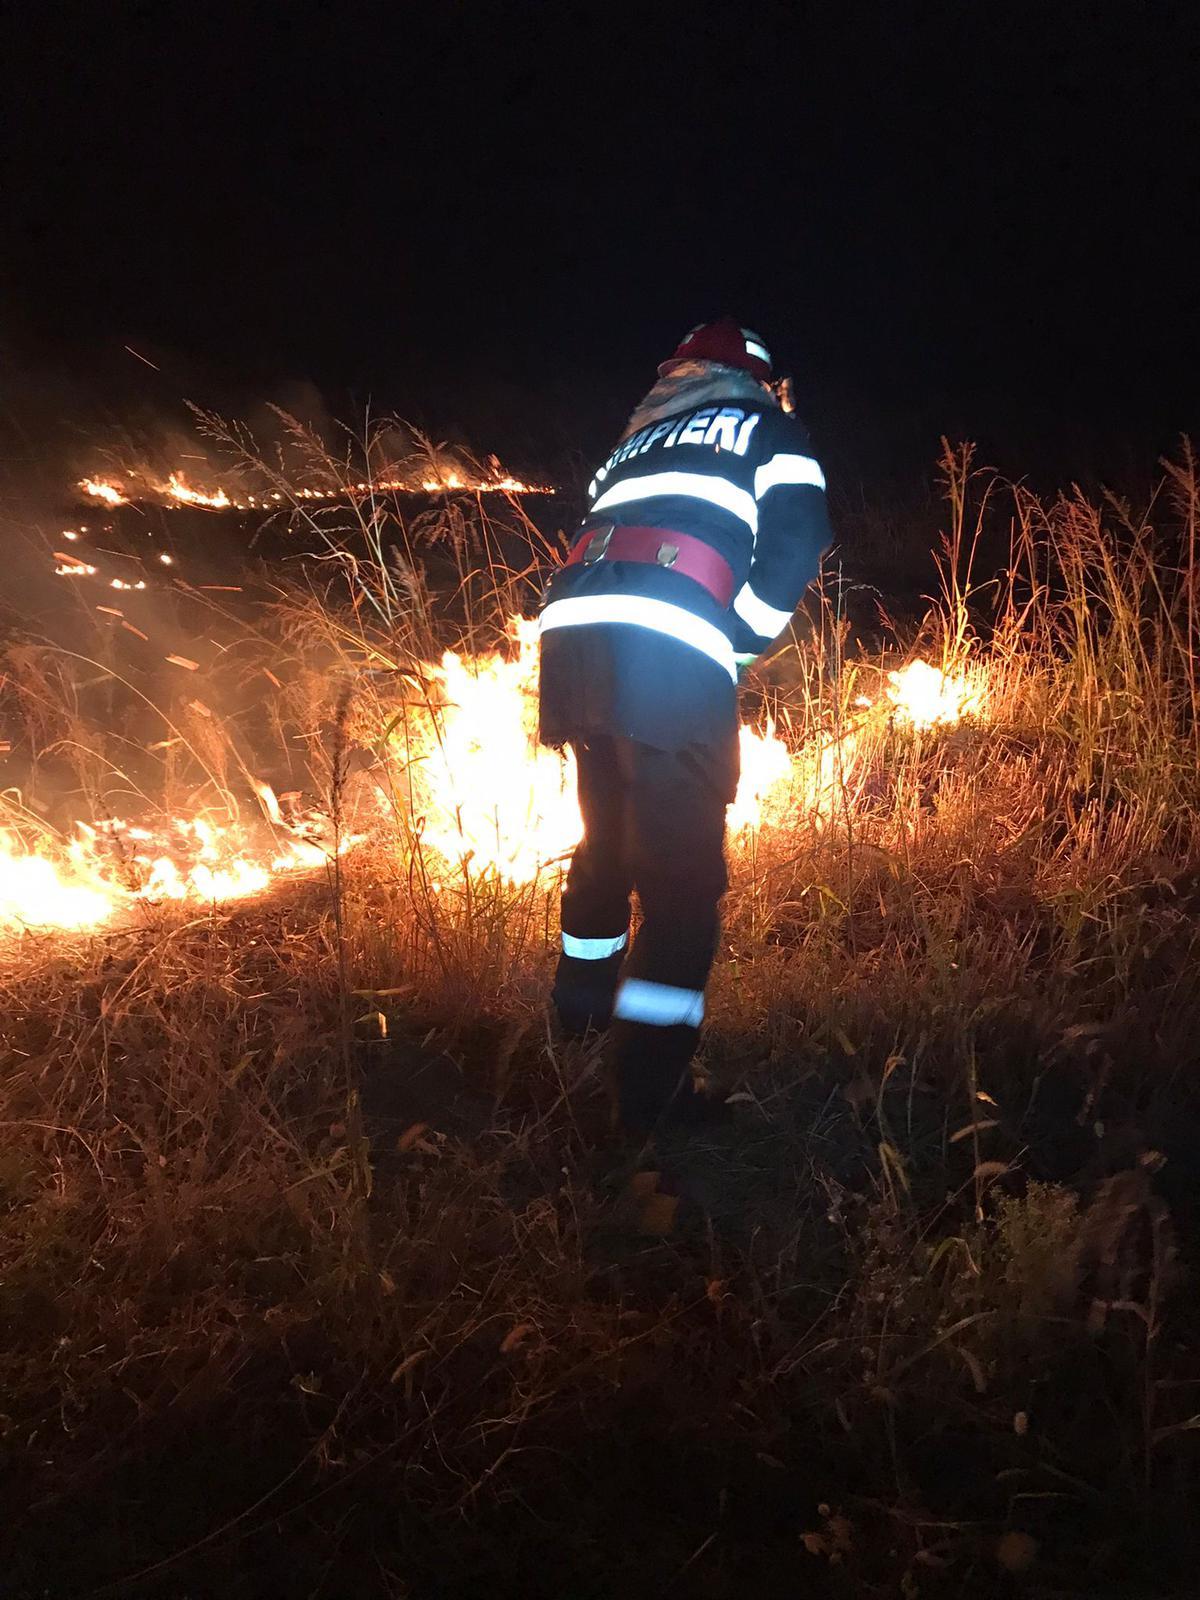 Focuri scăpate de sub control, aseară, în municipiu și la Turcoaia! Au ars hectare întregi de vegetație uscată